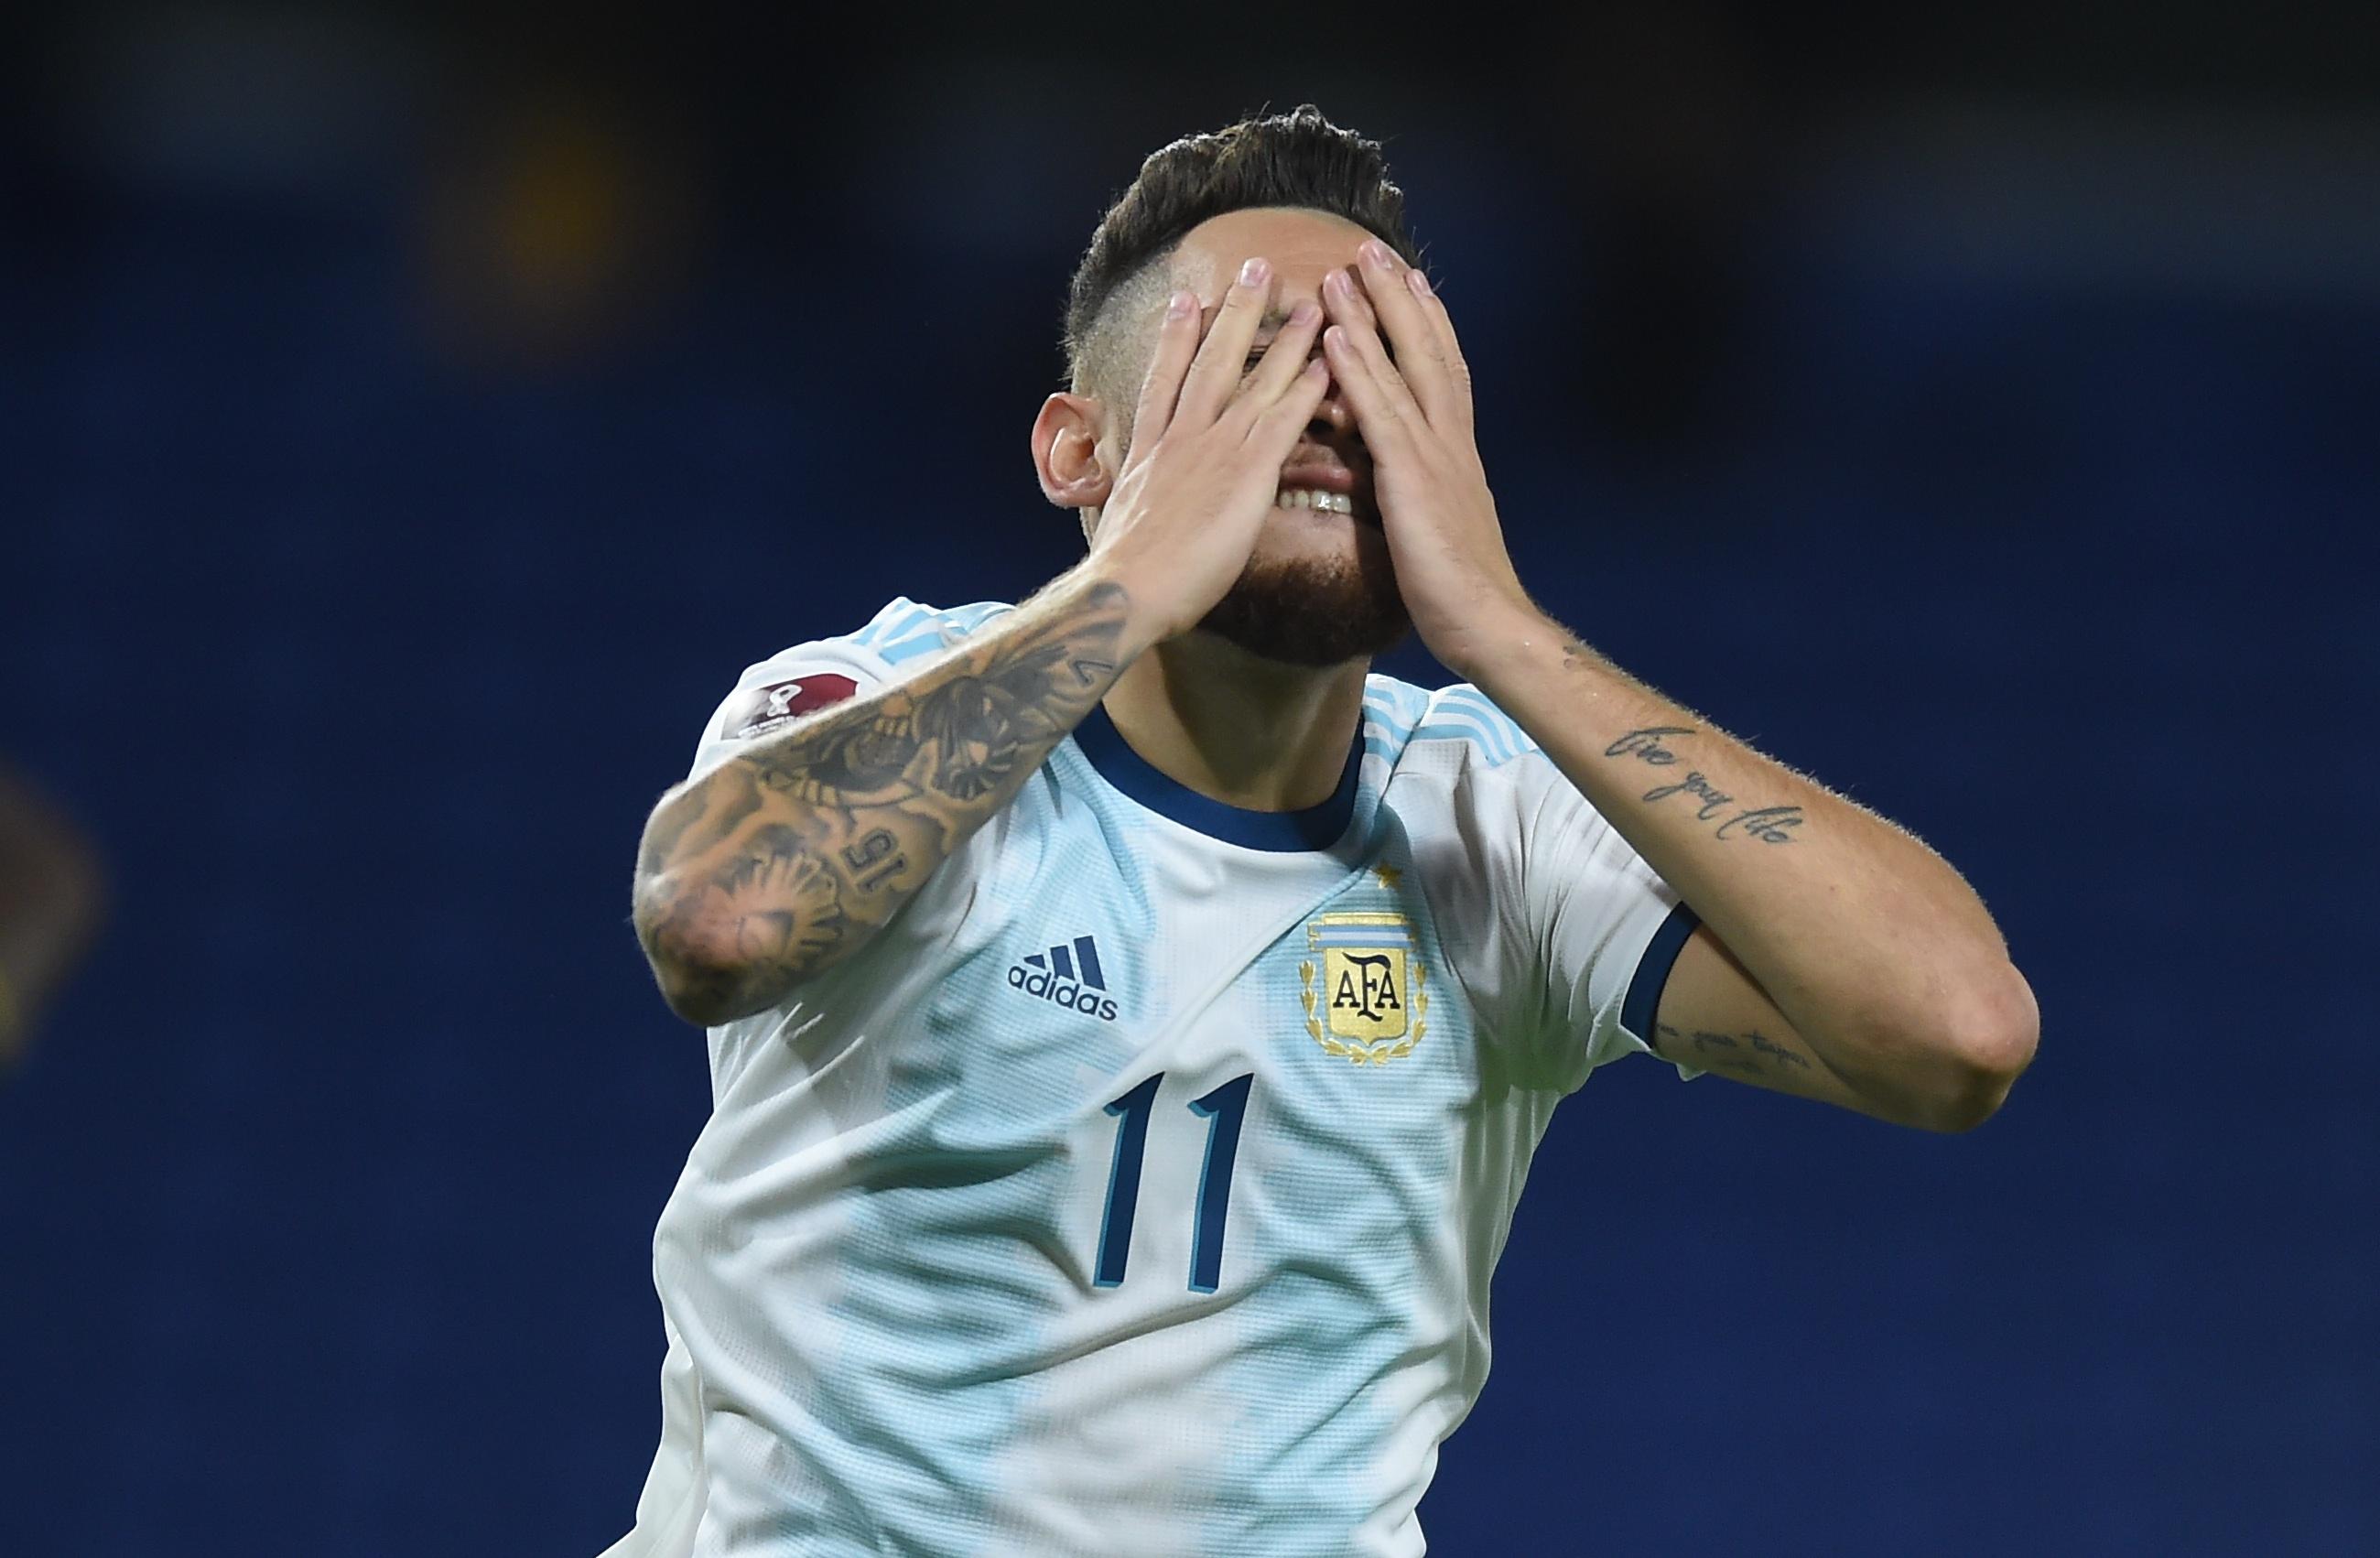 El lamento de Ocampos, en la jugada más clara del segundo tiempo: atajó el portero Domínguez (REUTERS/Marcelo Endelli)